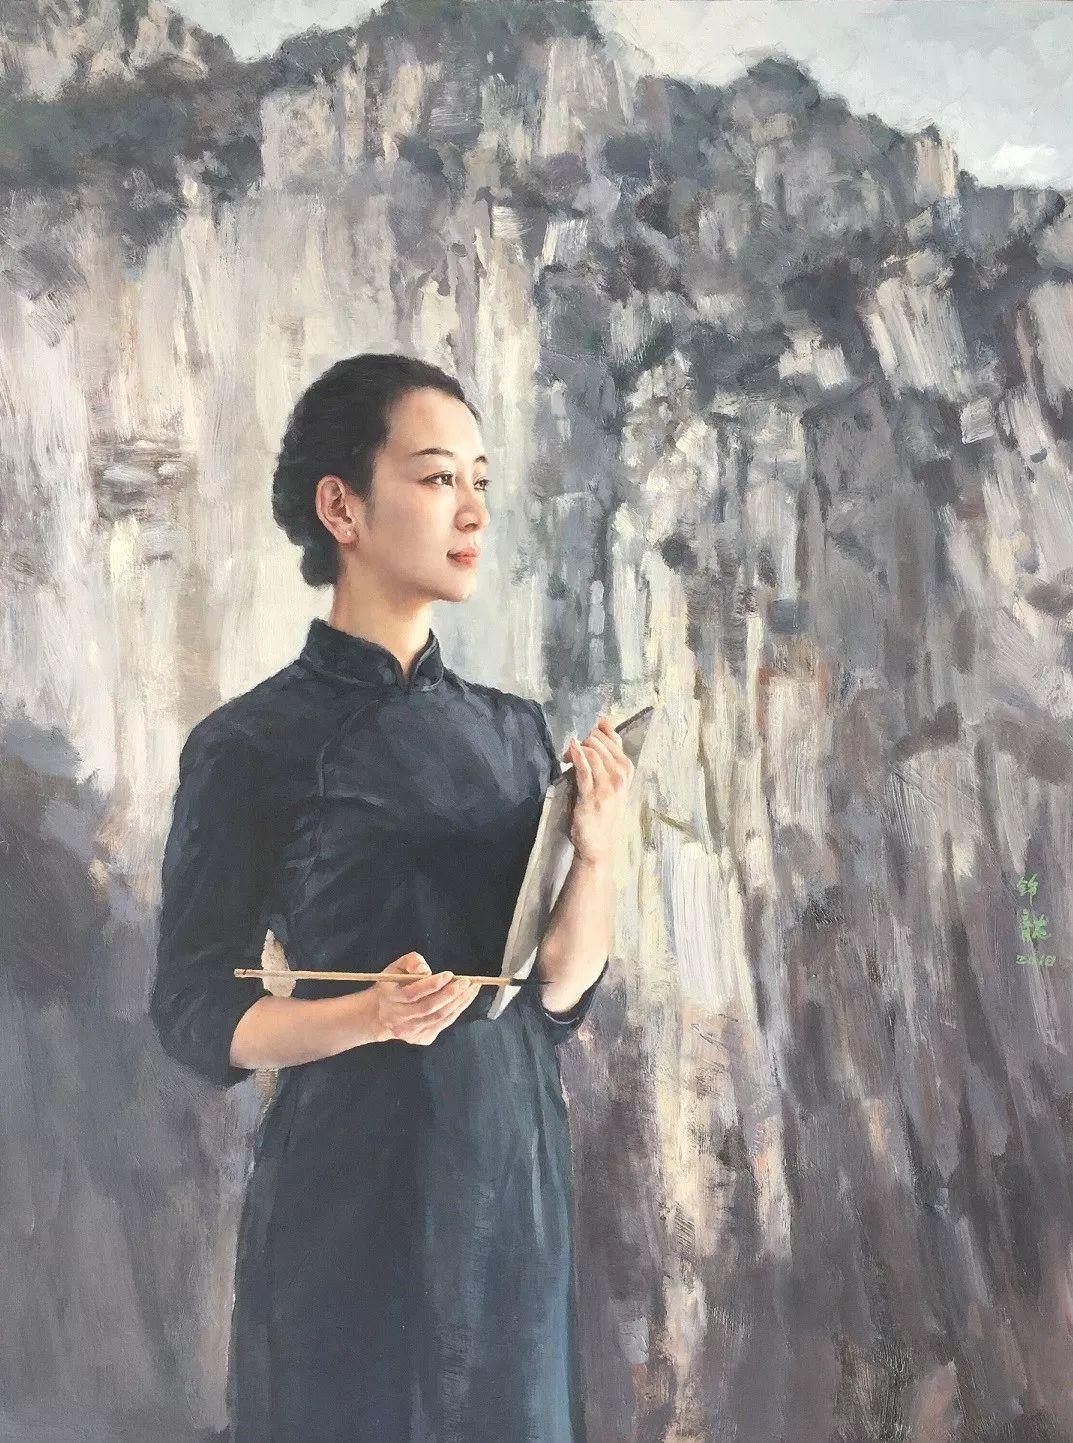 风情演绎唯美东方女性,单纯清澈,不媚不妖!插图4